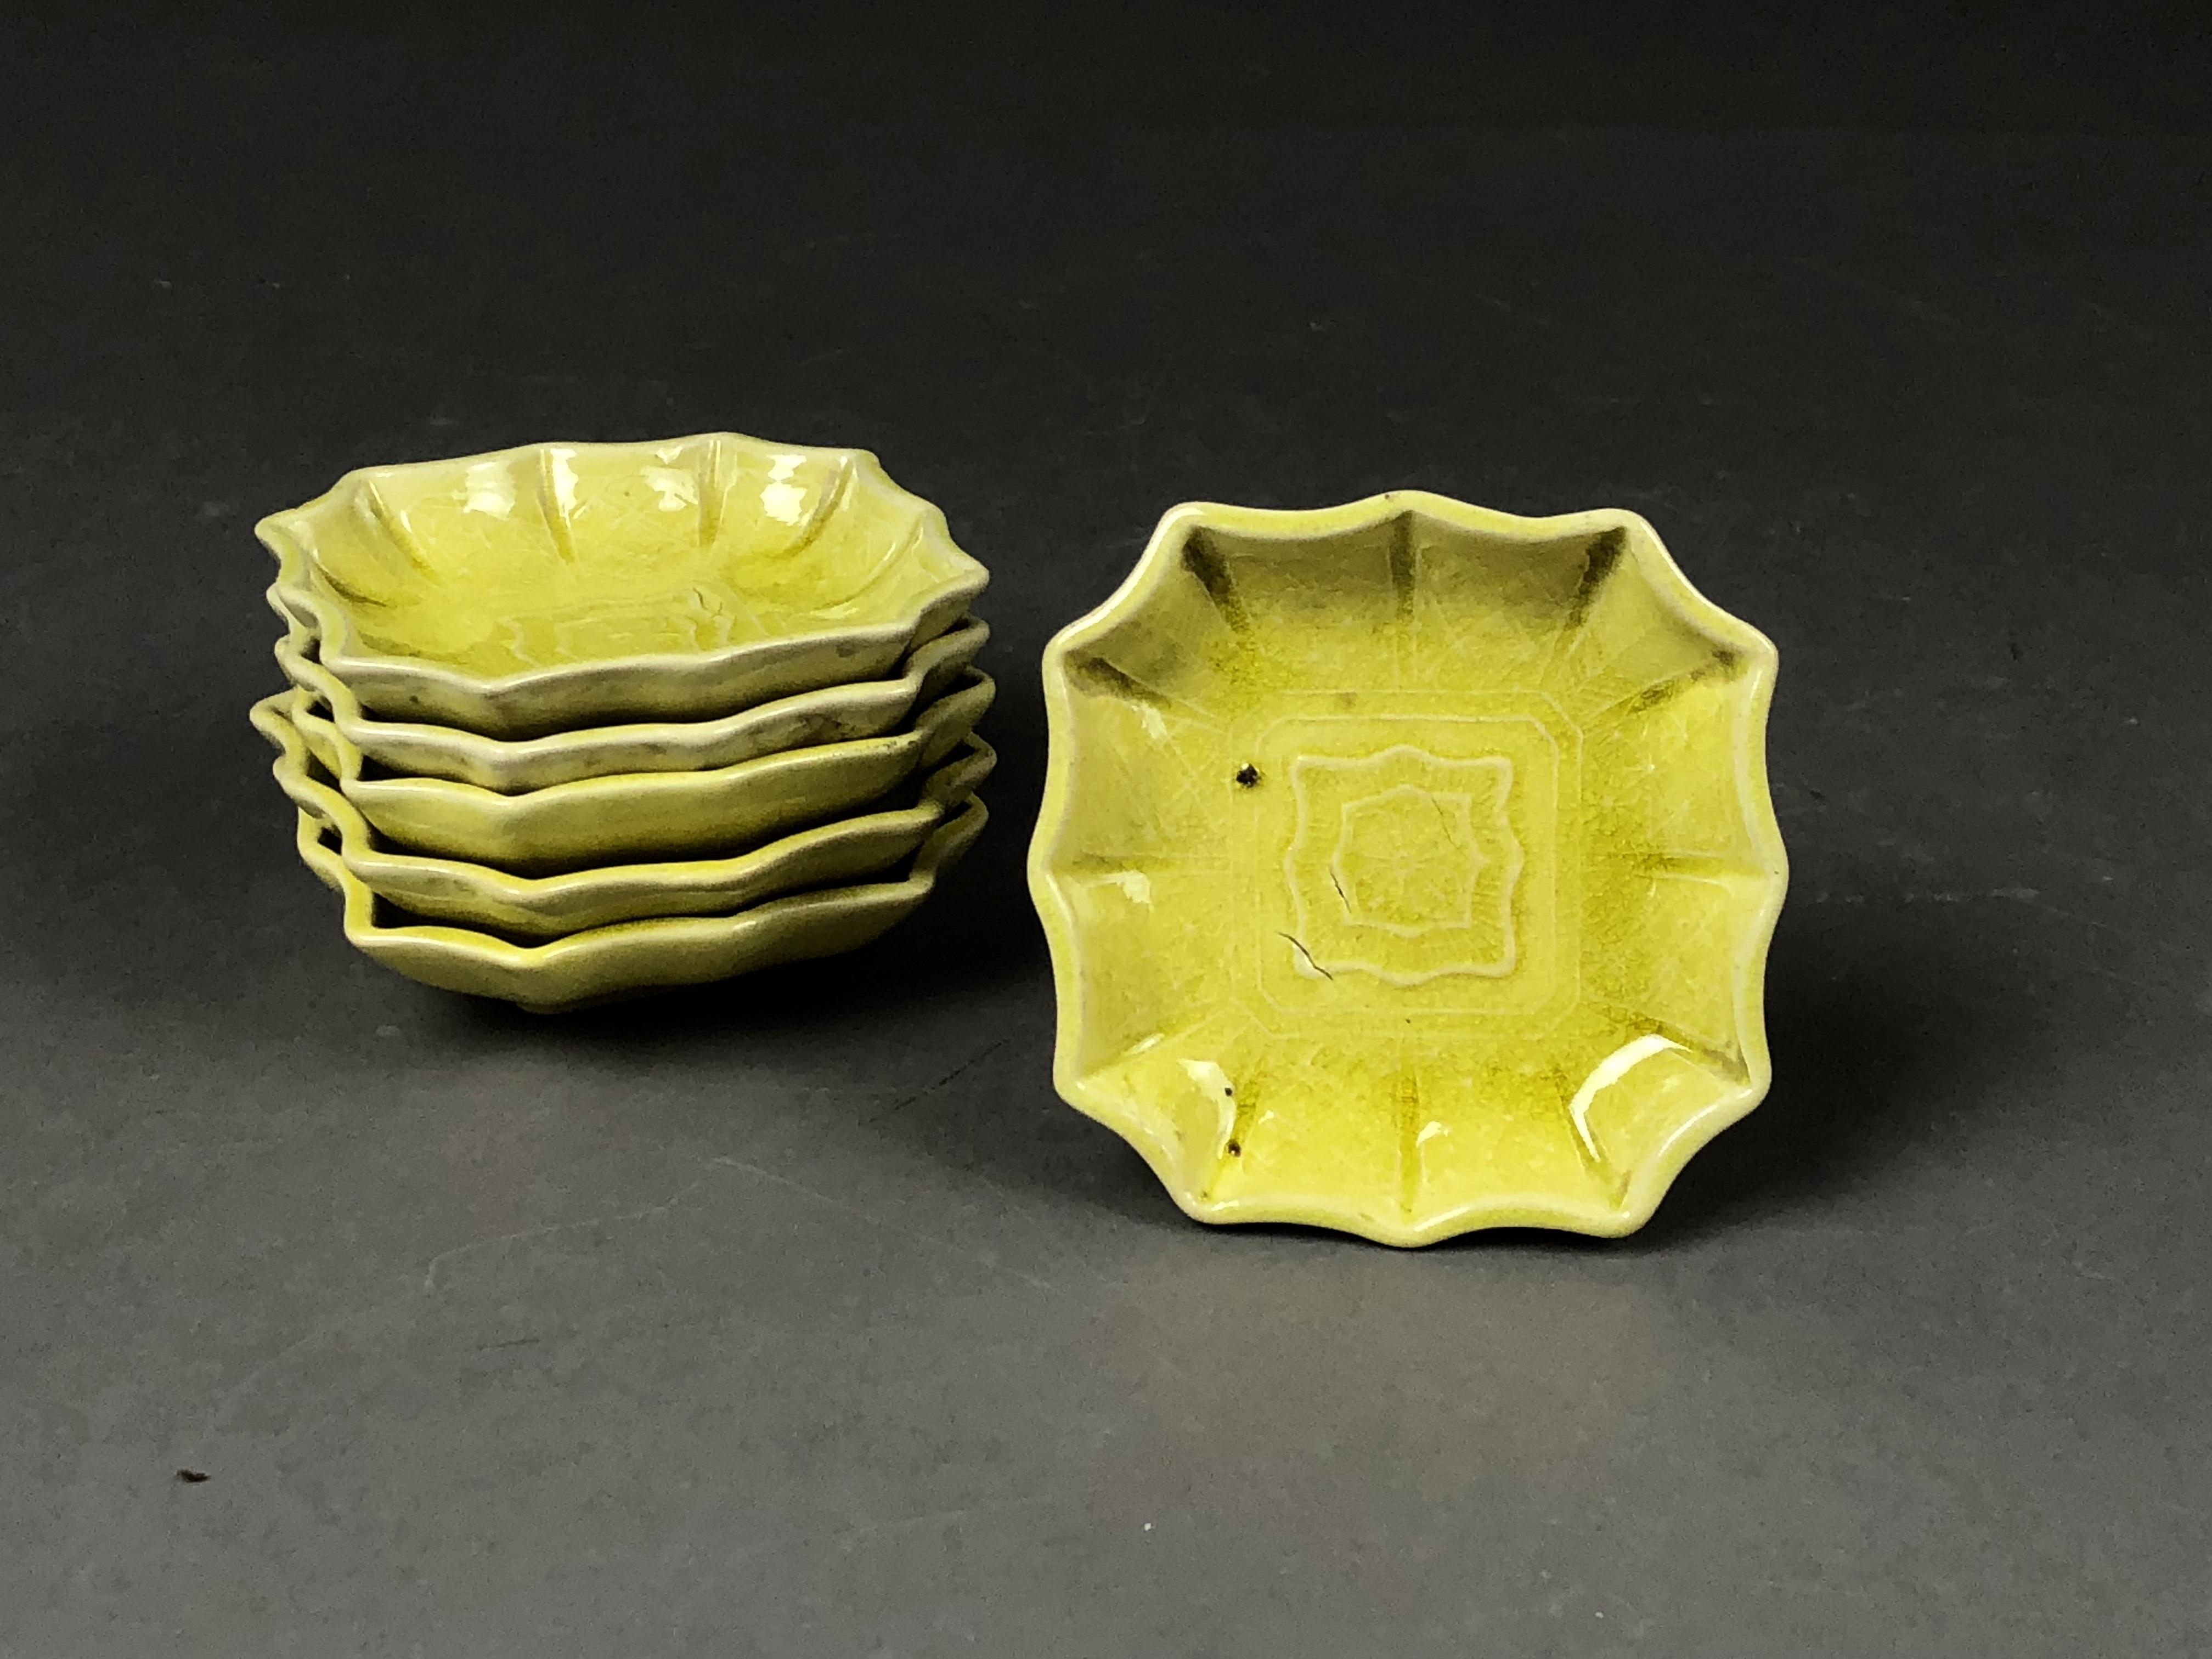 珉平焼 〜黄釉12角方形小皿 六枚